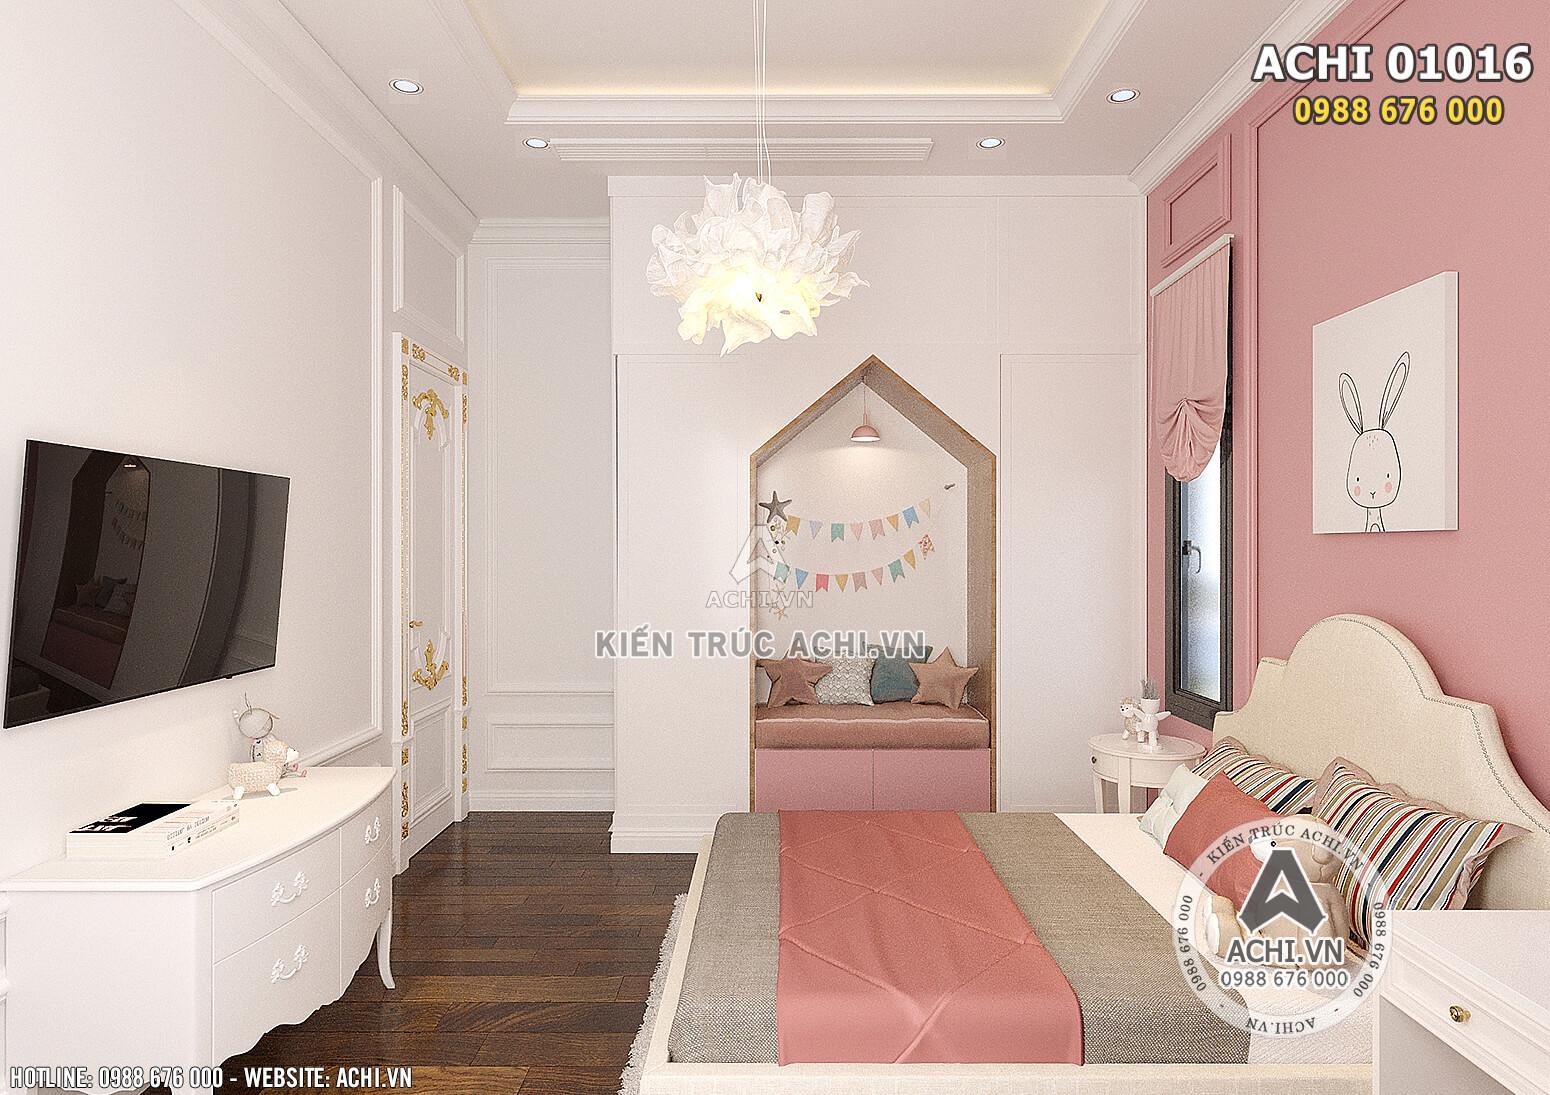 Hình ảnh: Thiết kế nội thất tân cổ điển cho không gian phòng ngủ cho cô con gái - ACHI 01016